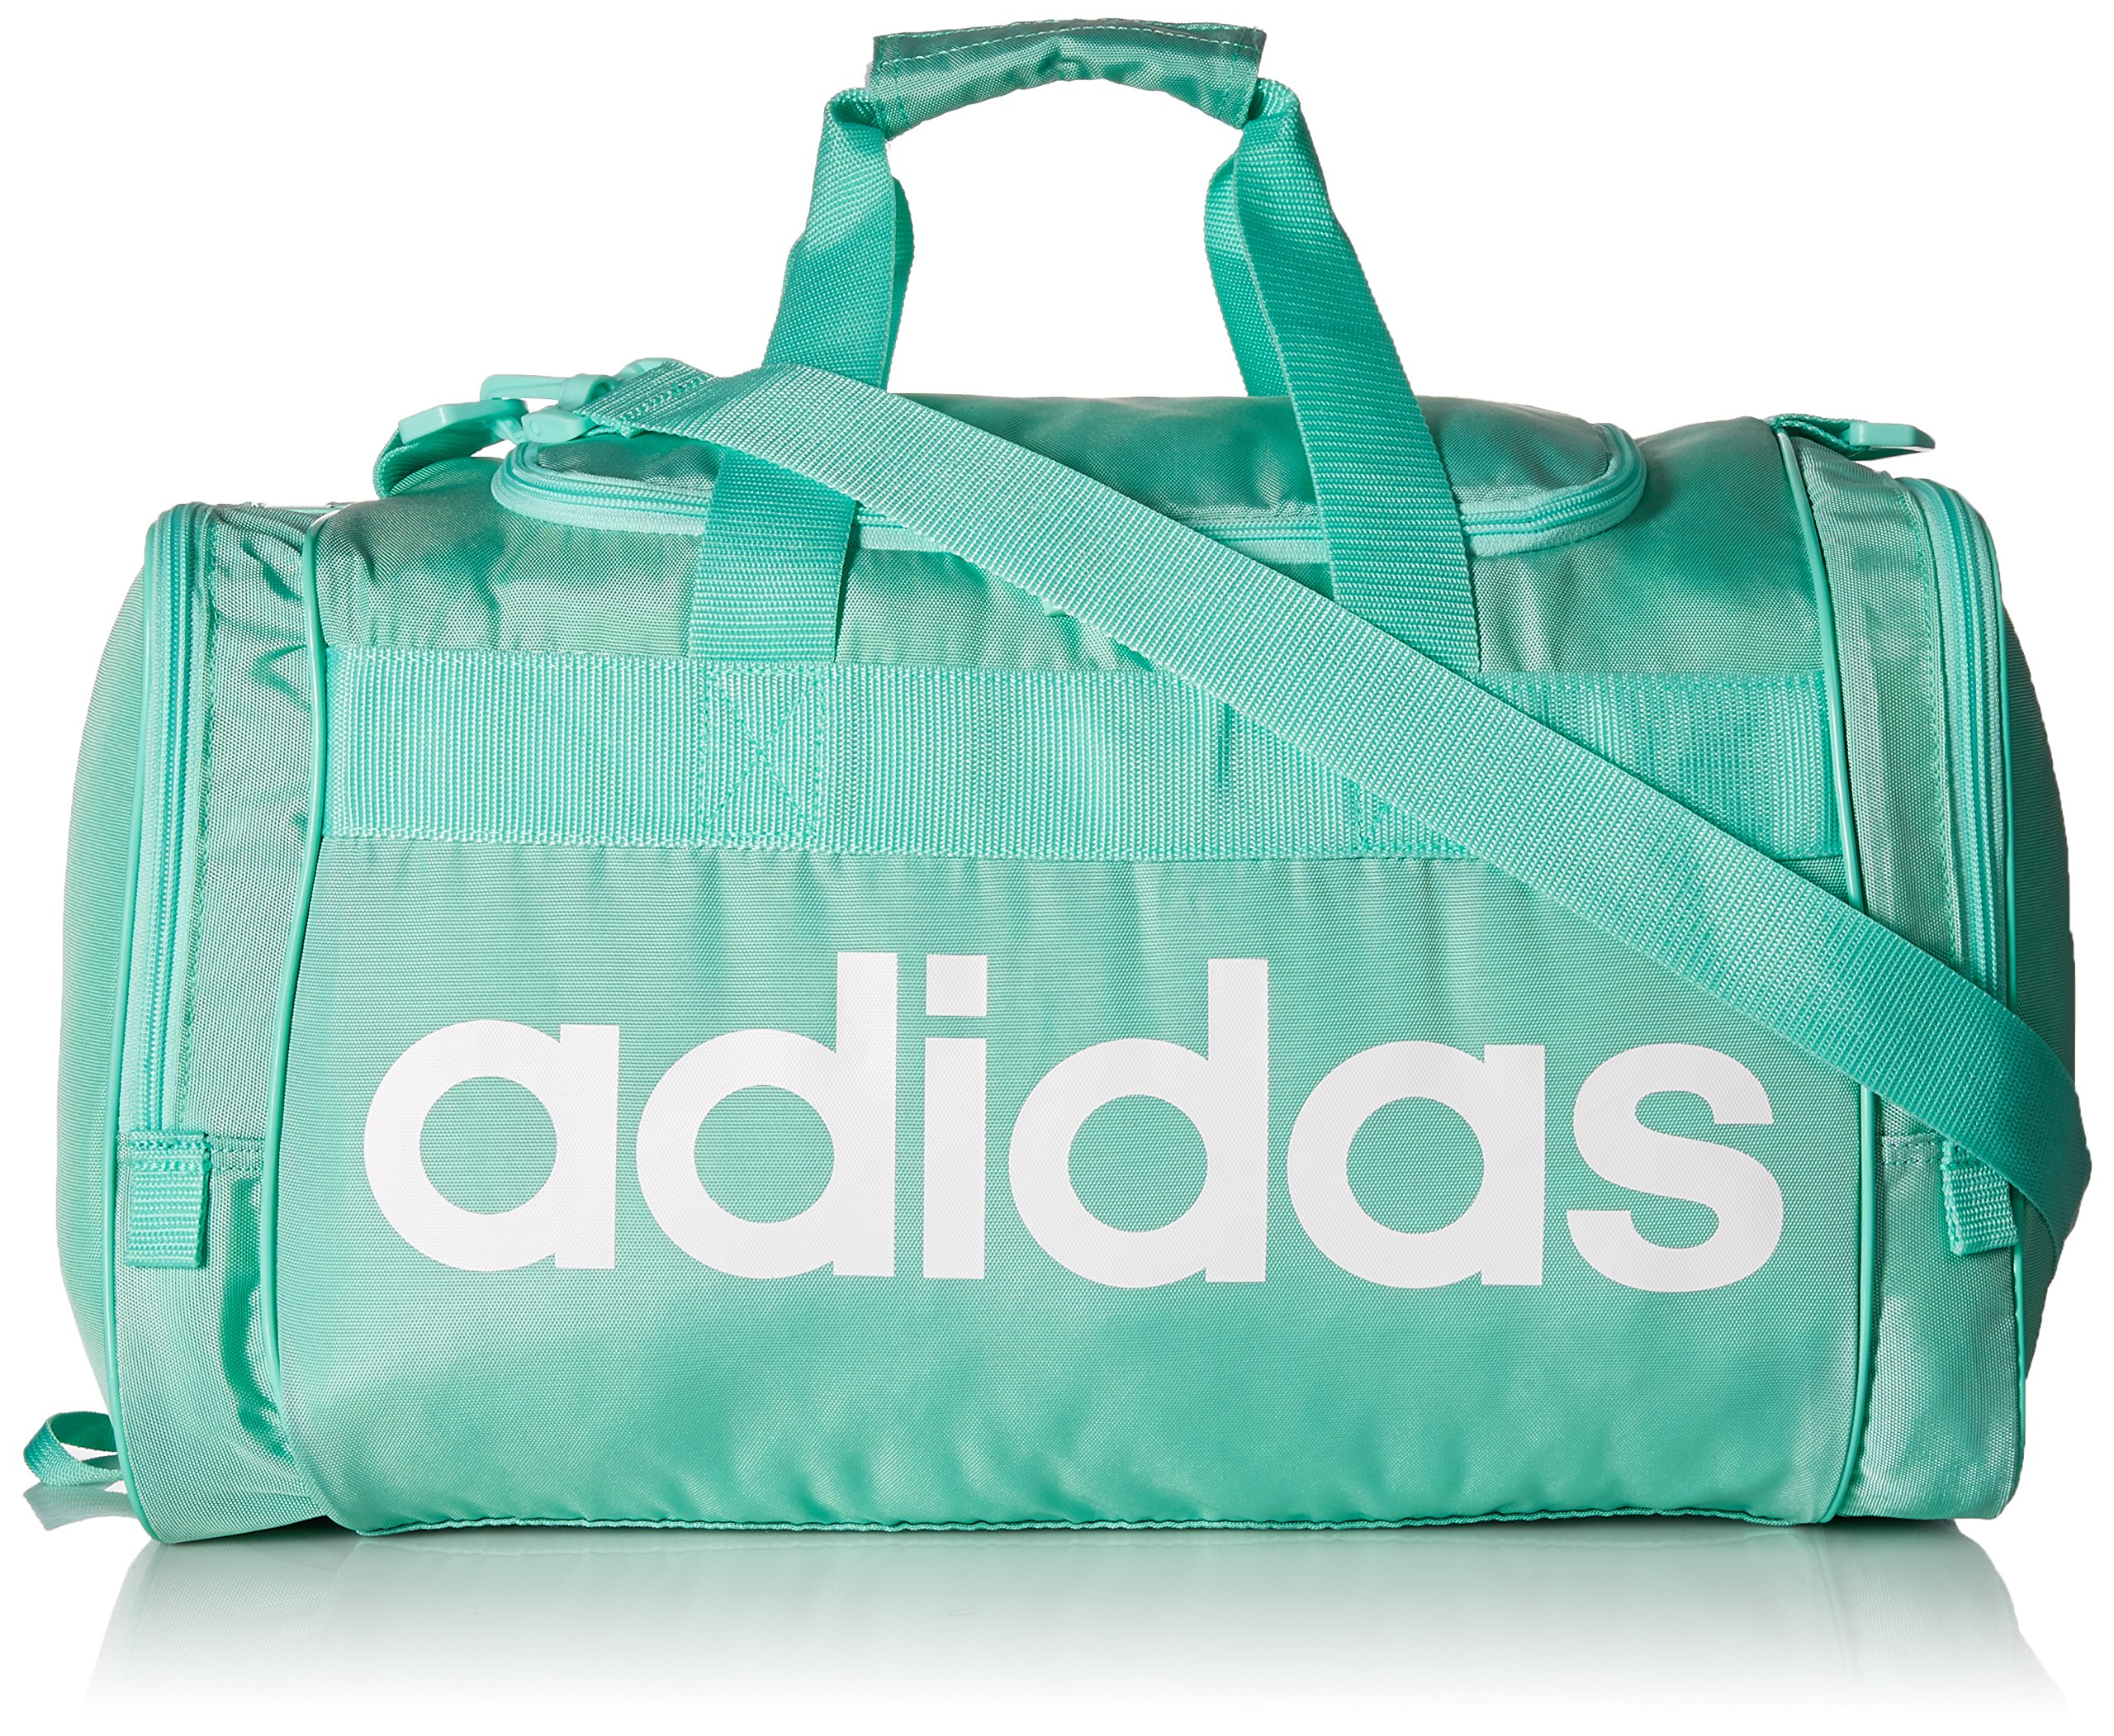 a41e96083 Adidas Duffel Bag Lifetime Warranty | The Shred Centre